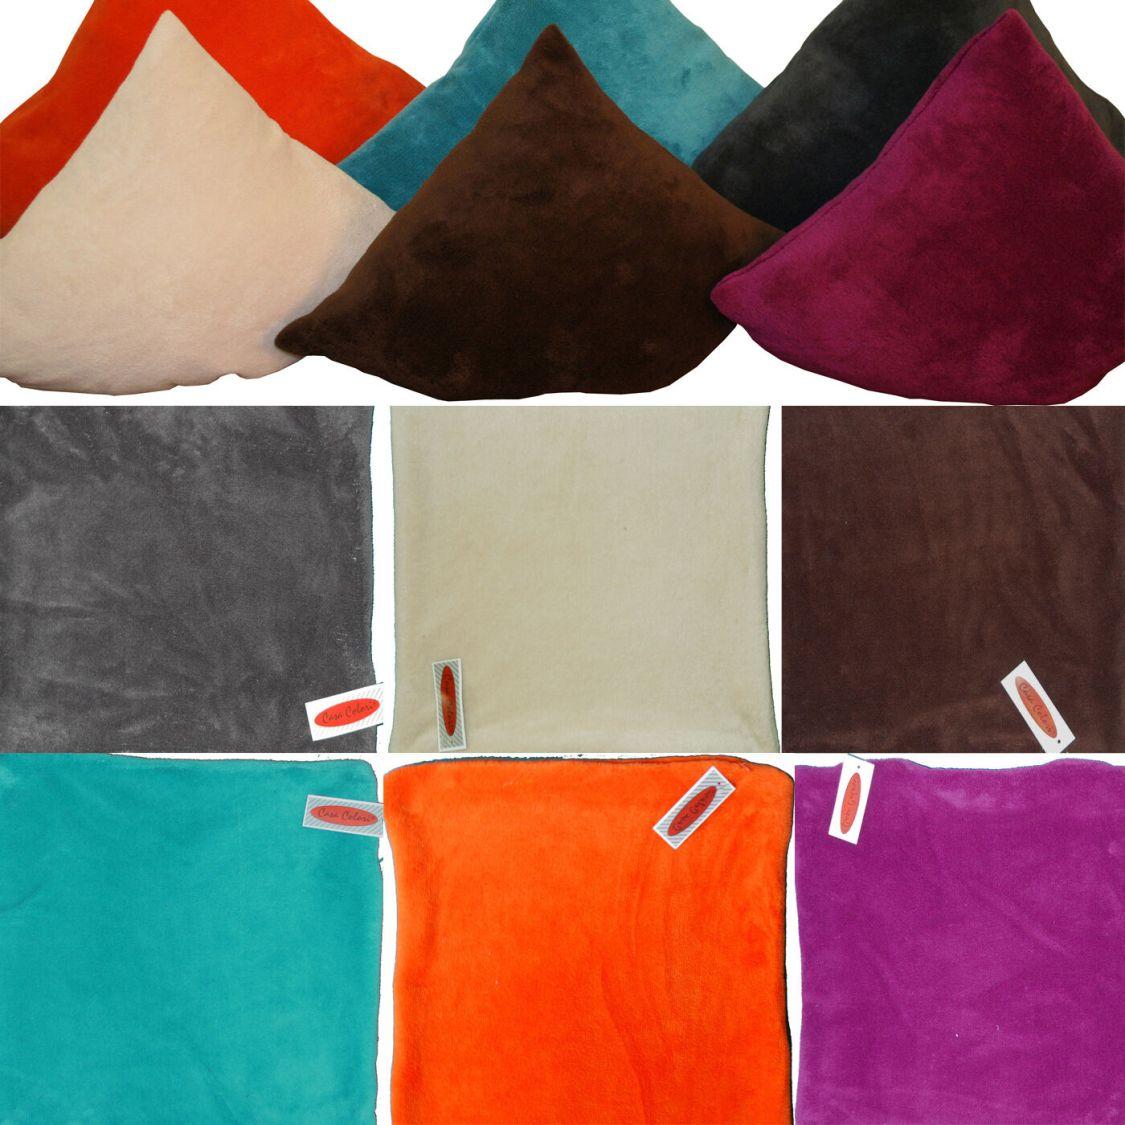 2 Stück Kissenhüllen, Kissenbezüge 50 x 50 cm Fleece Flausch Plüsch Kissenbezug